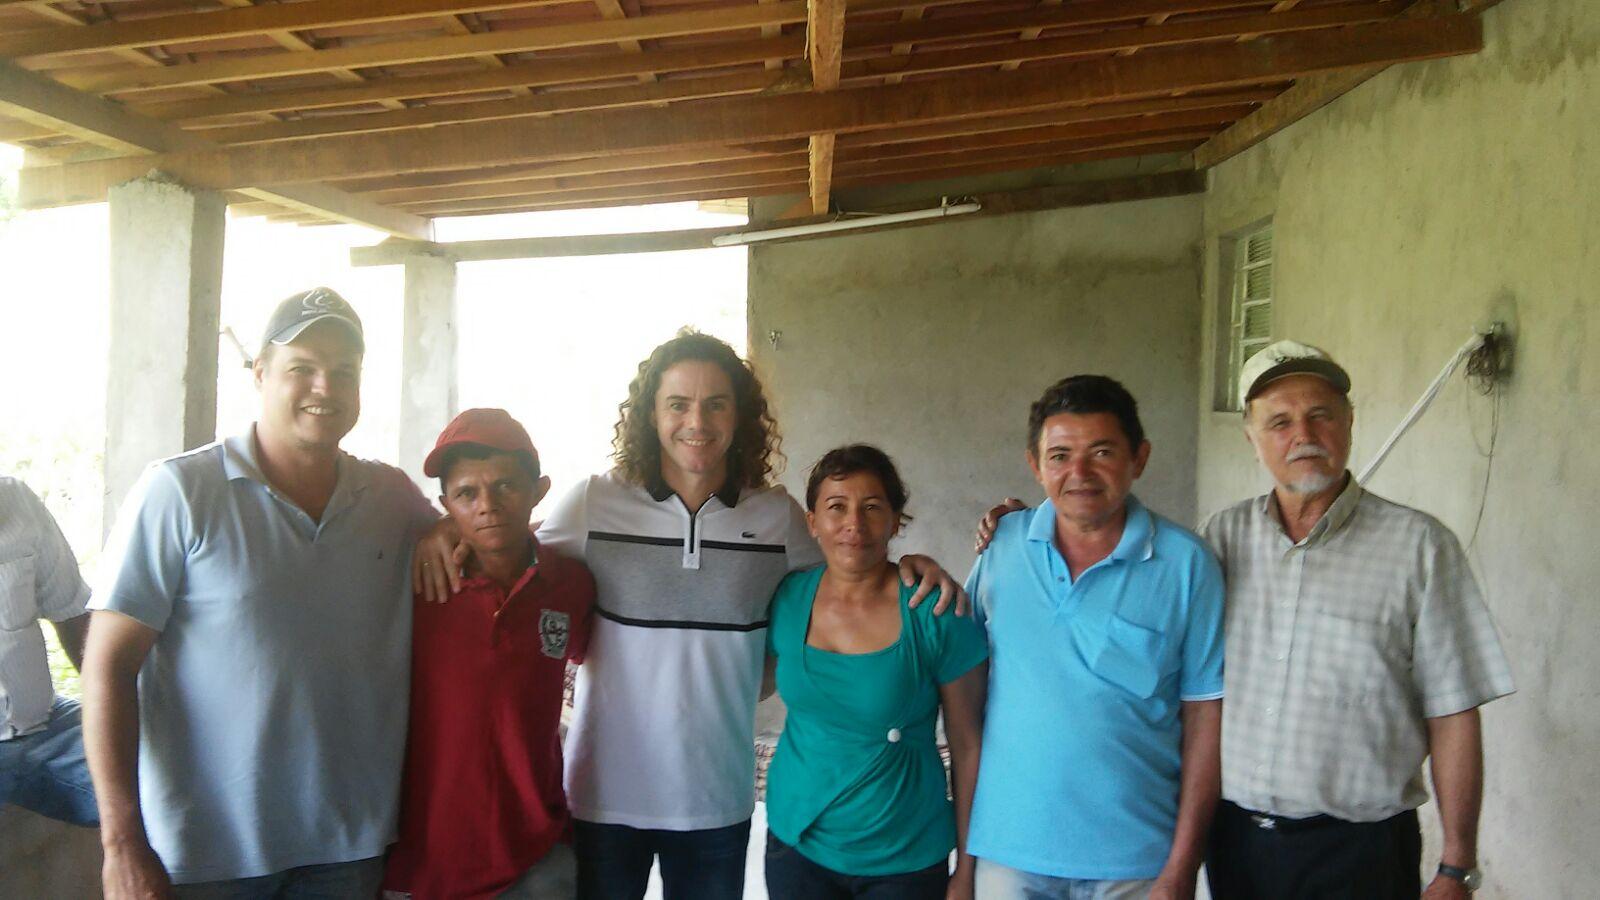 Veneziano Galante - Veneziano visita comunidades de Galante, em Campina Grande, que receberam poços artesianos fruto de sua emenda de R$ 600 mil